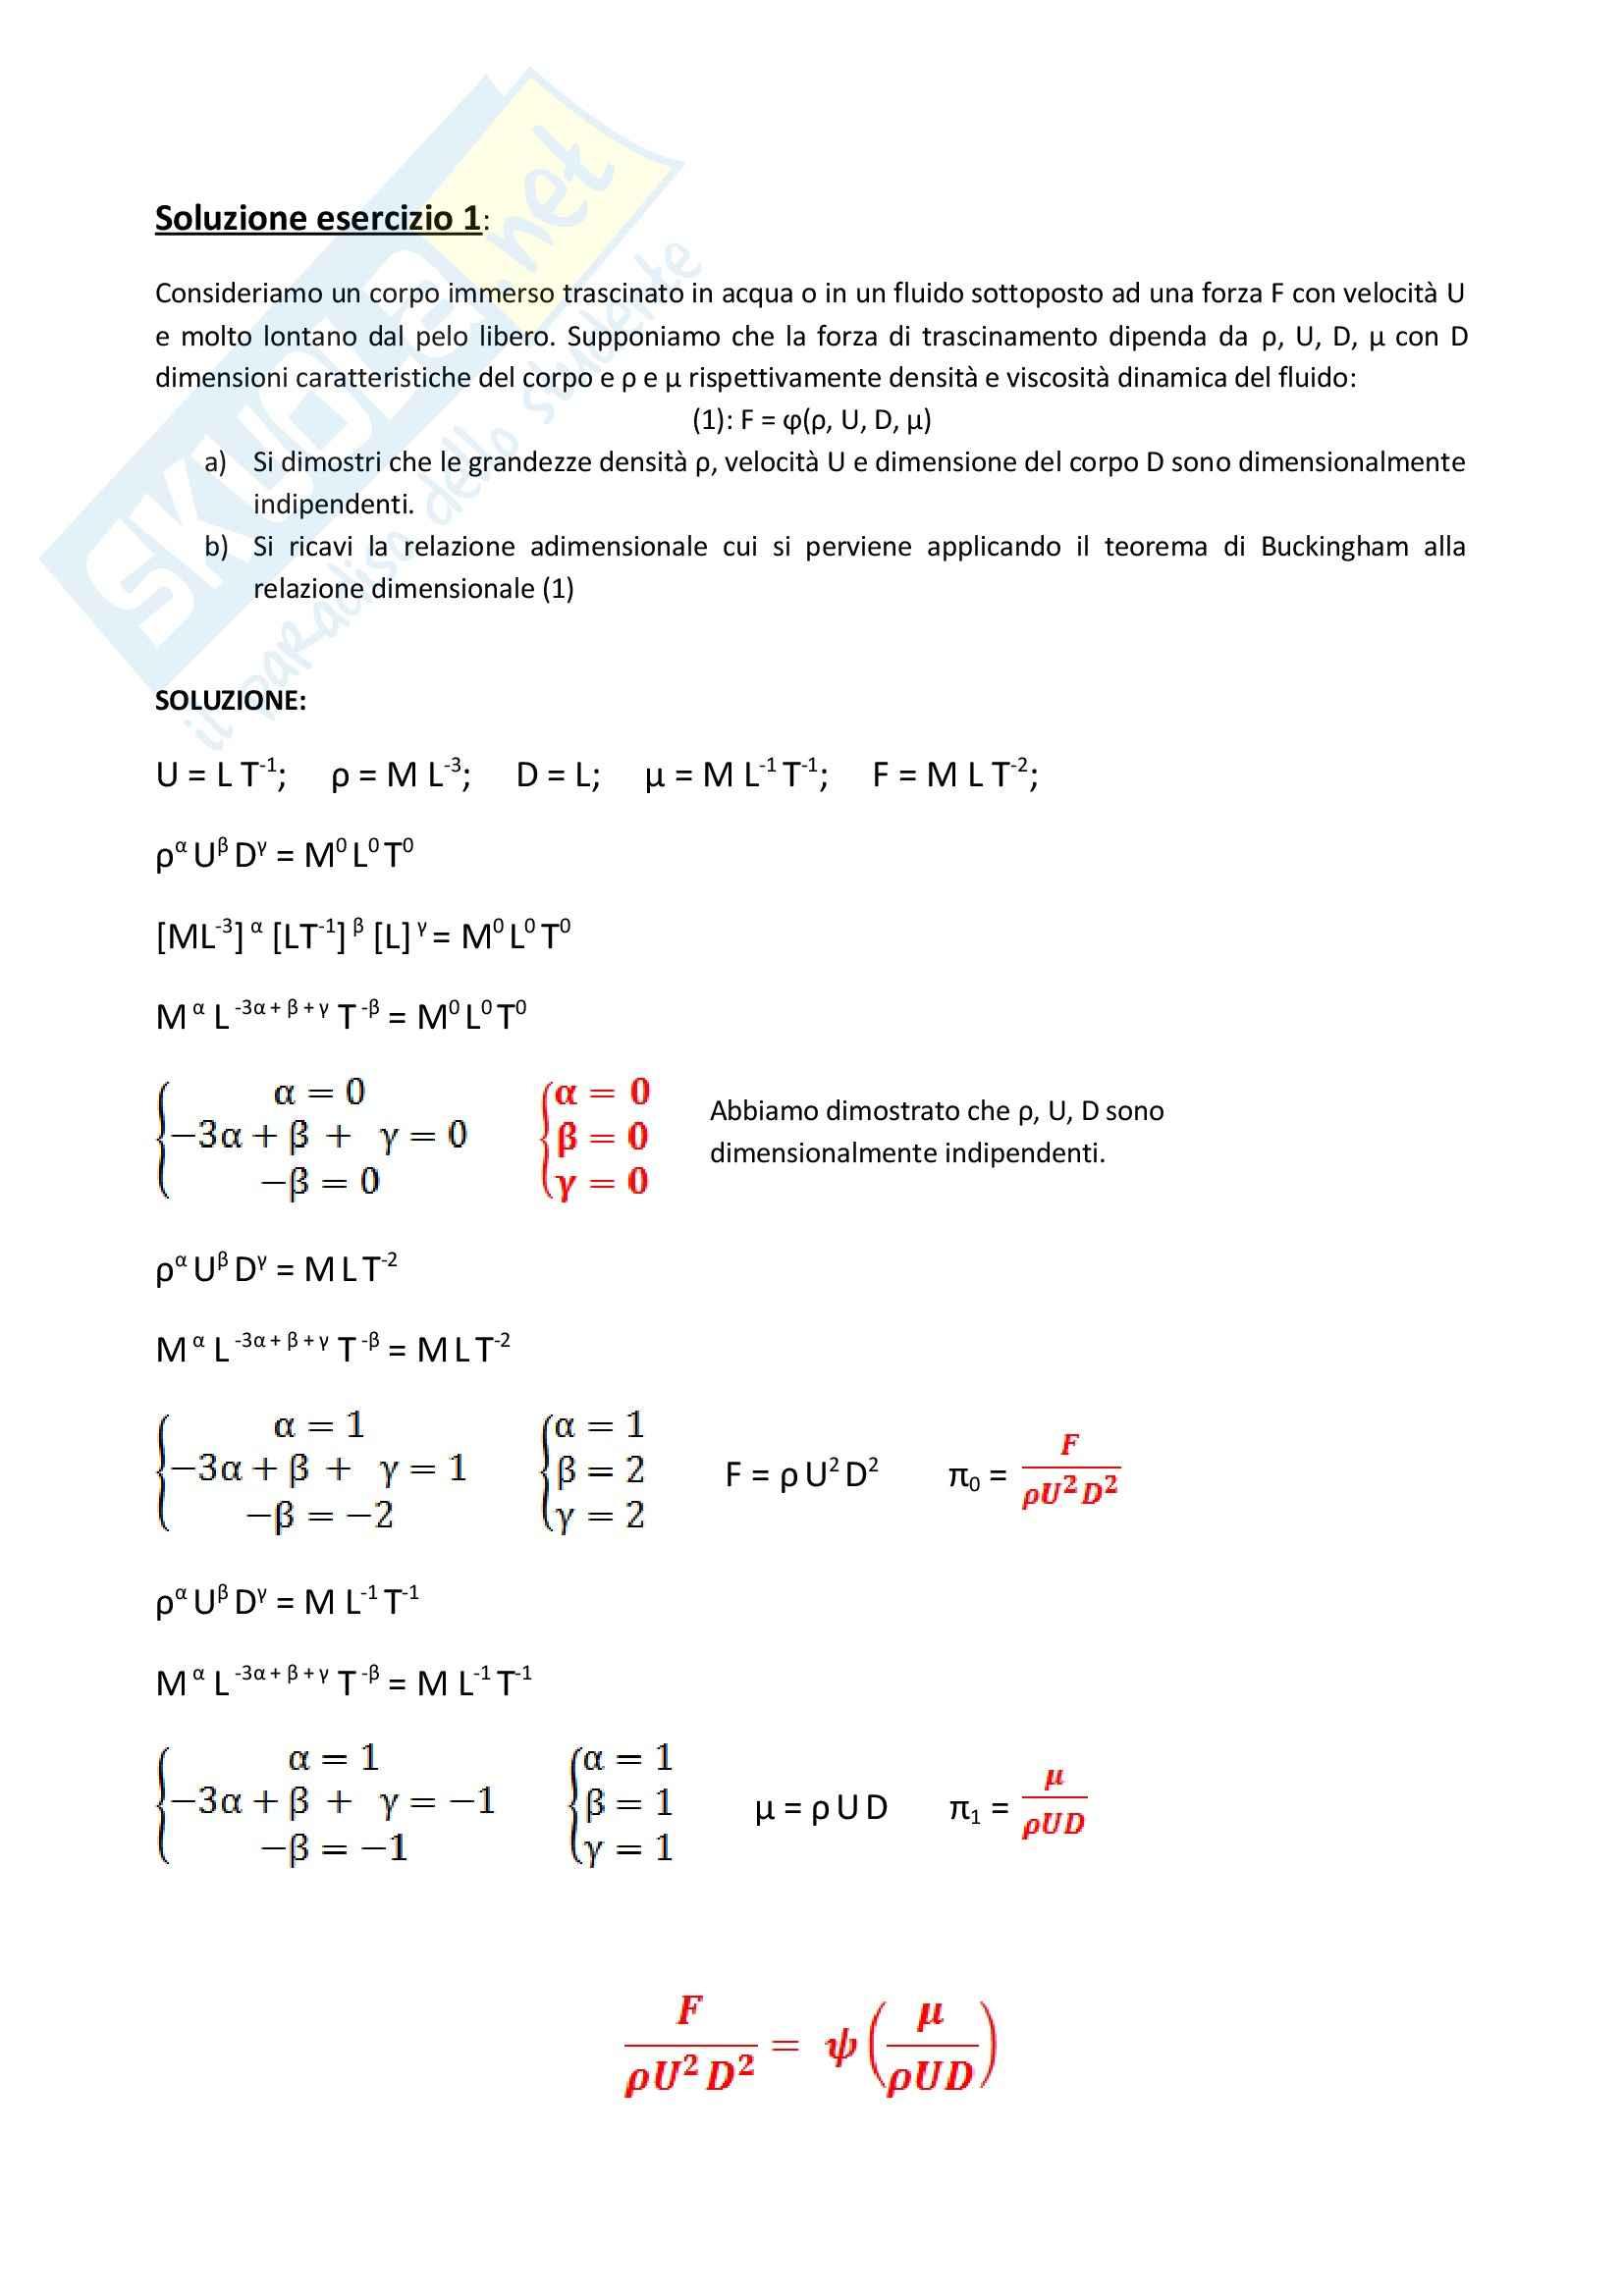 Idraulica 1 - esercizio sul Teorema di Buckingham